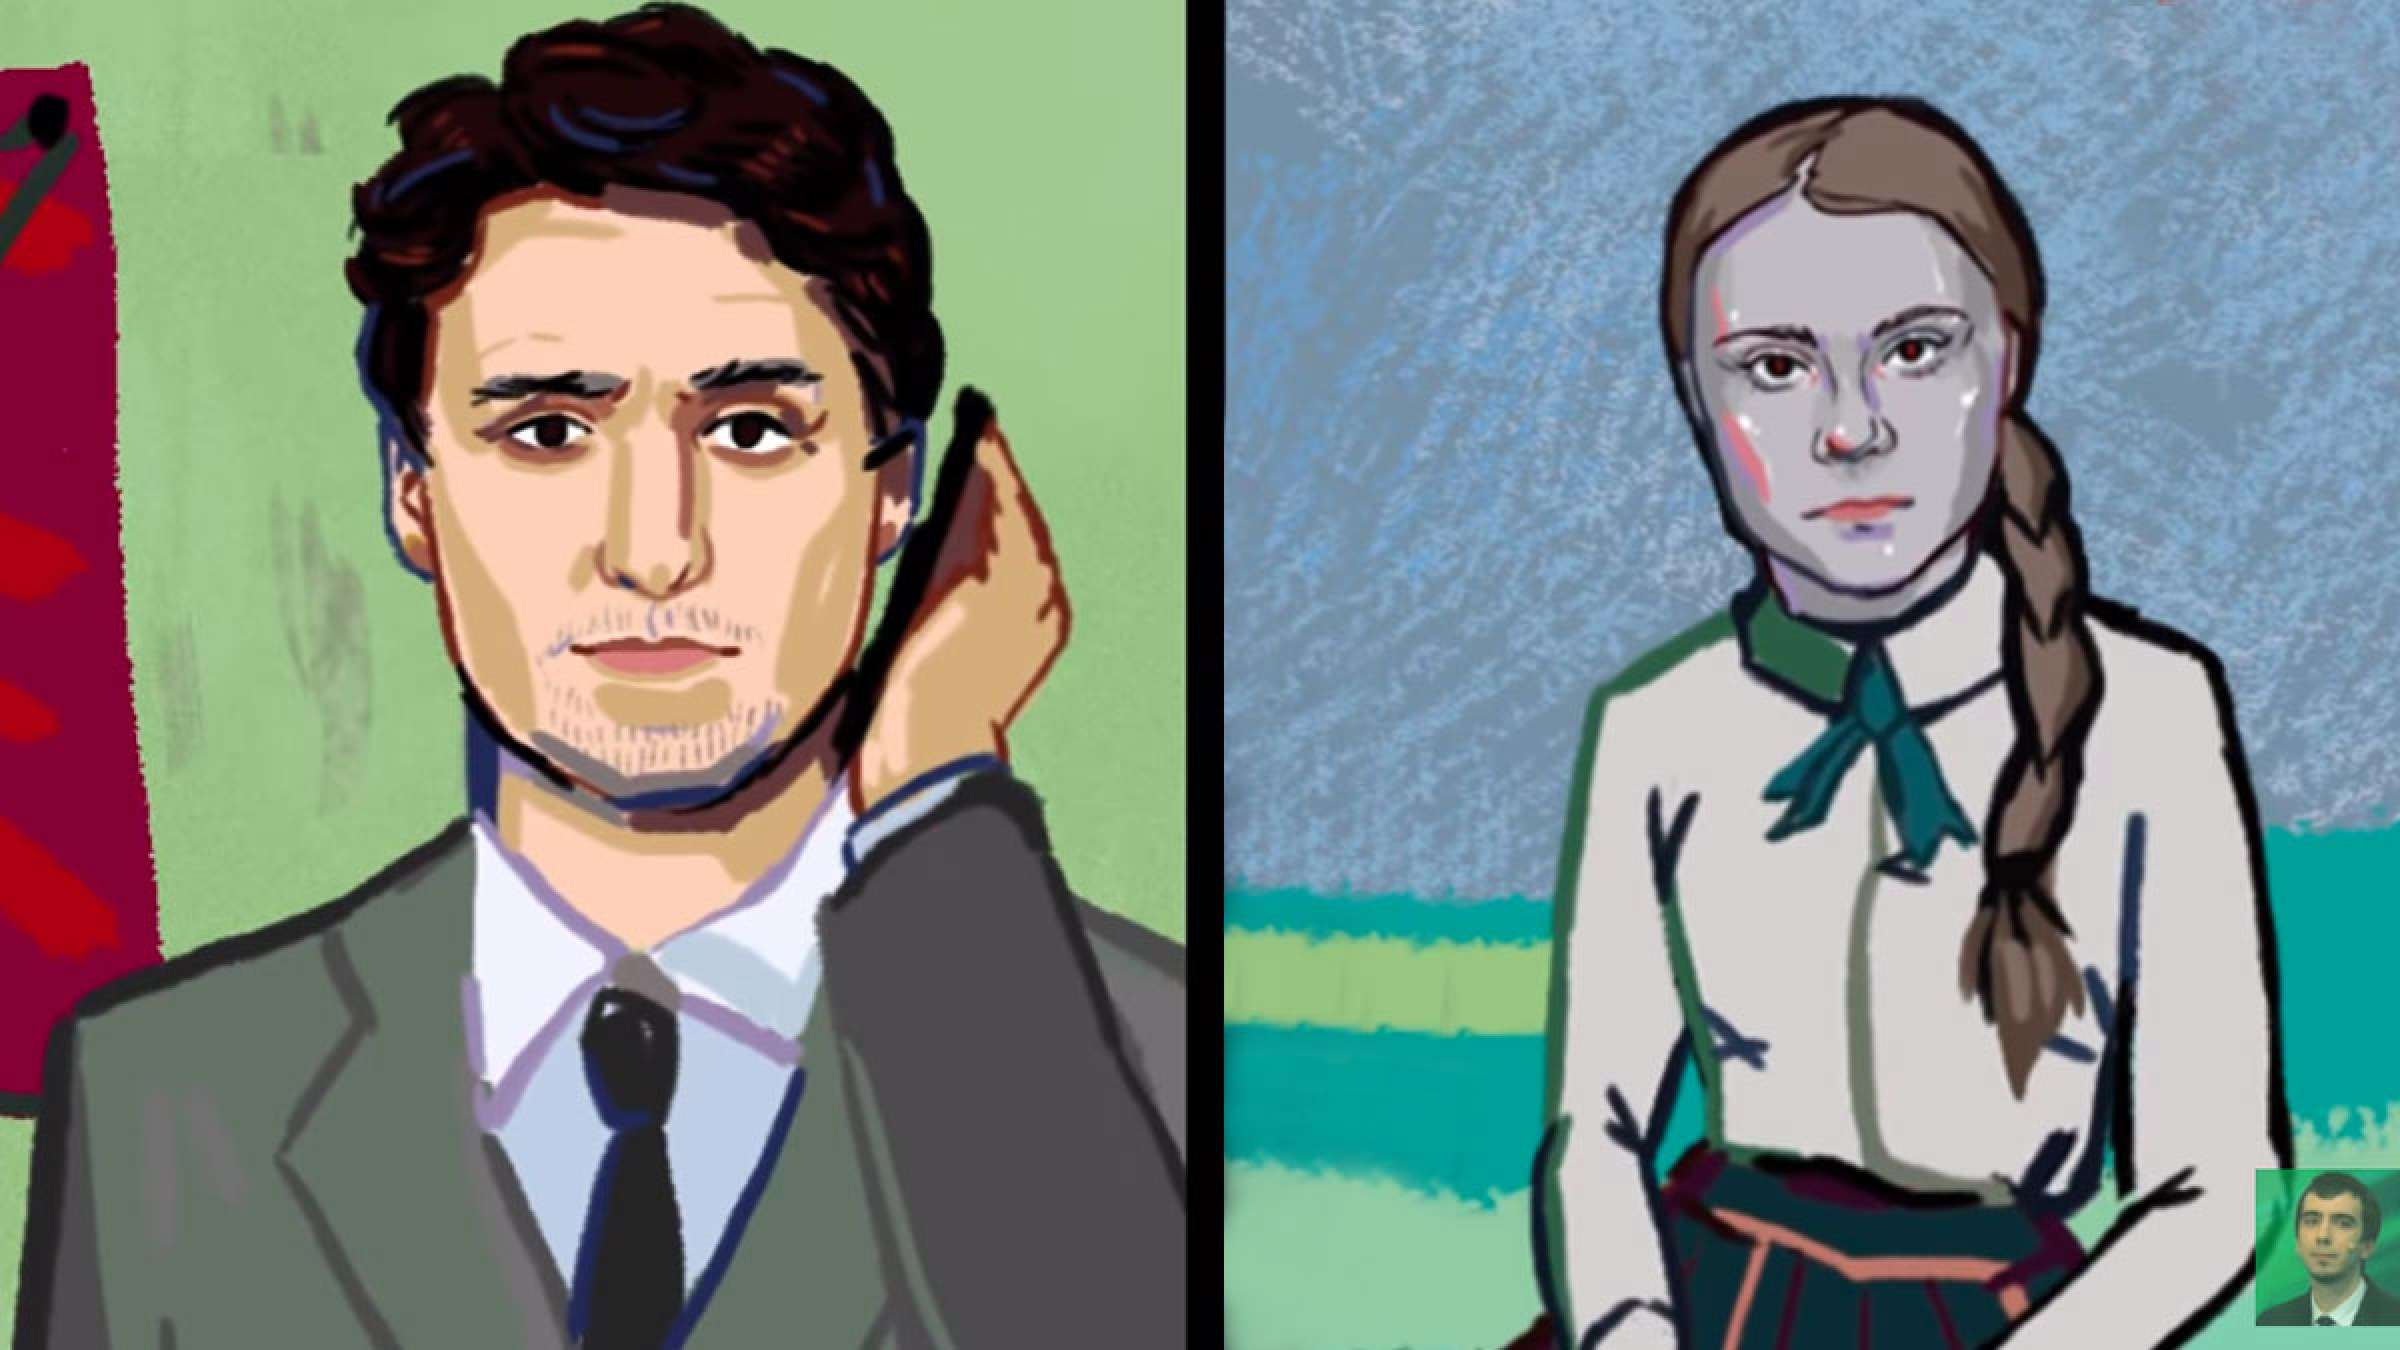 اخبار-کانادا-دو-اوکراینی-نخست-وزیر-کانادا-را-دست-انداختند